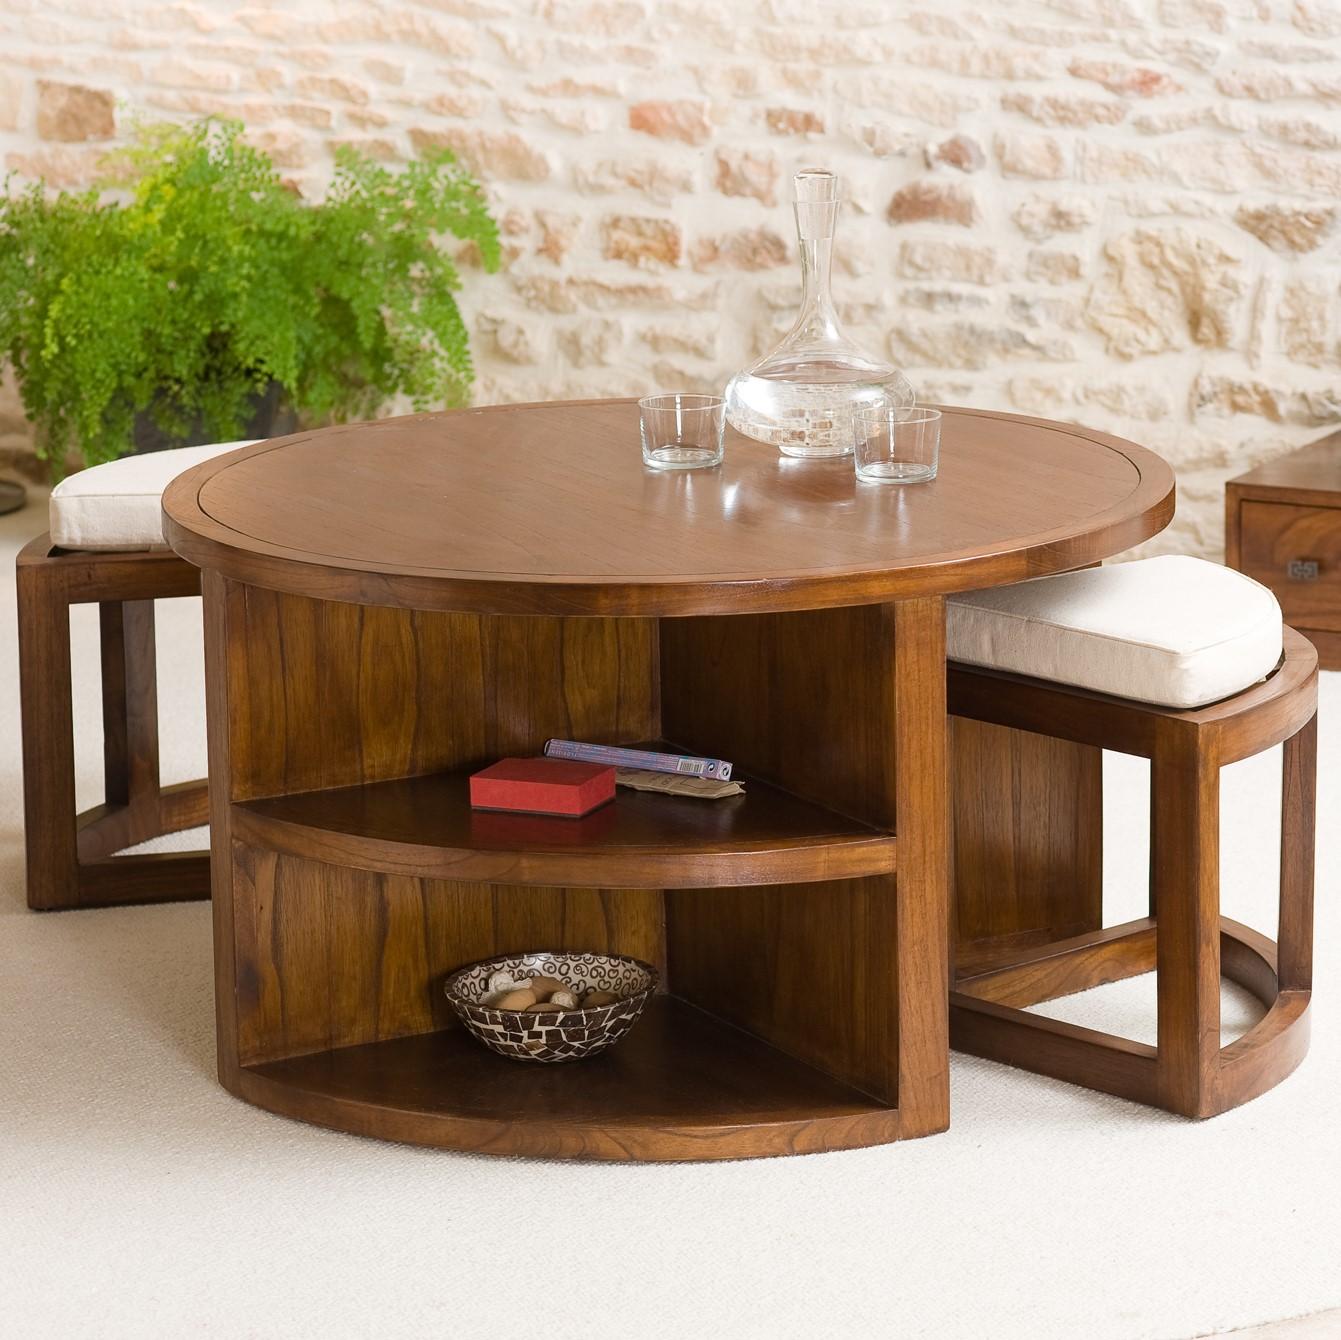 Table Basse Ronde 2 Tabourets Avec Coussins D90cm Lola Tables